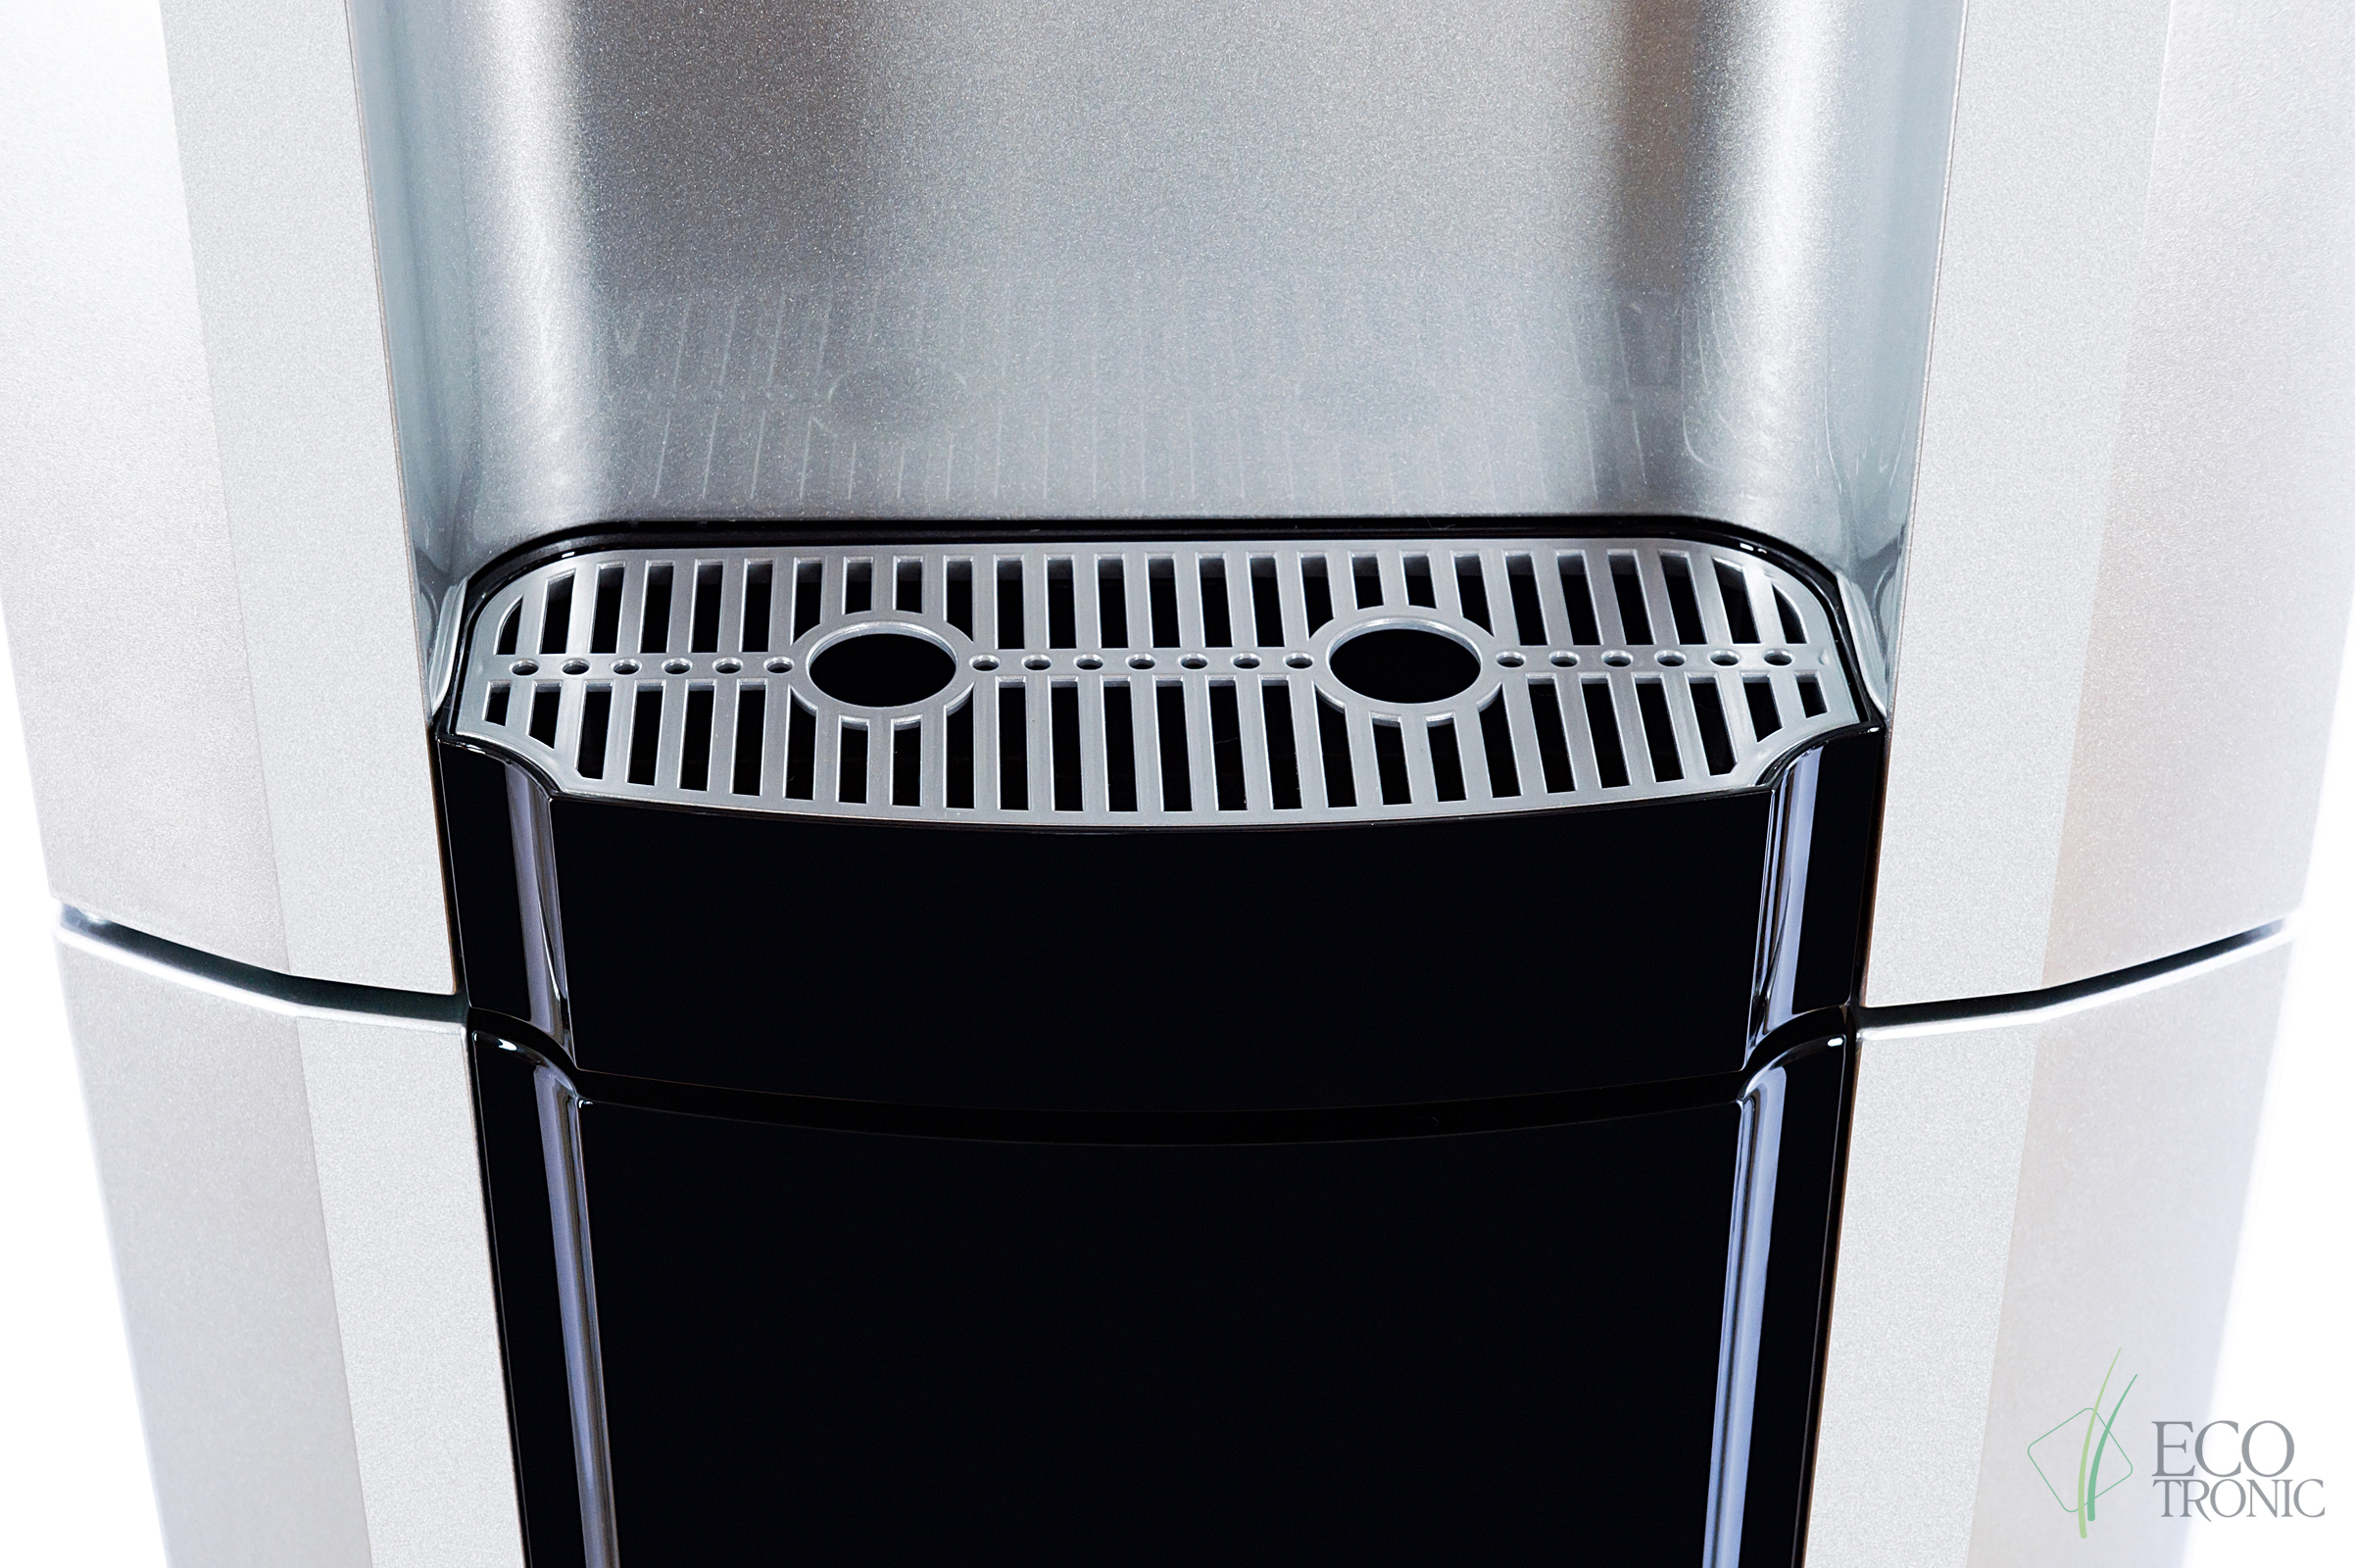 Кулер Ecotronic G8-LF Black